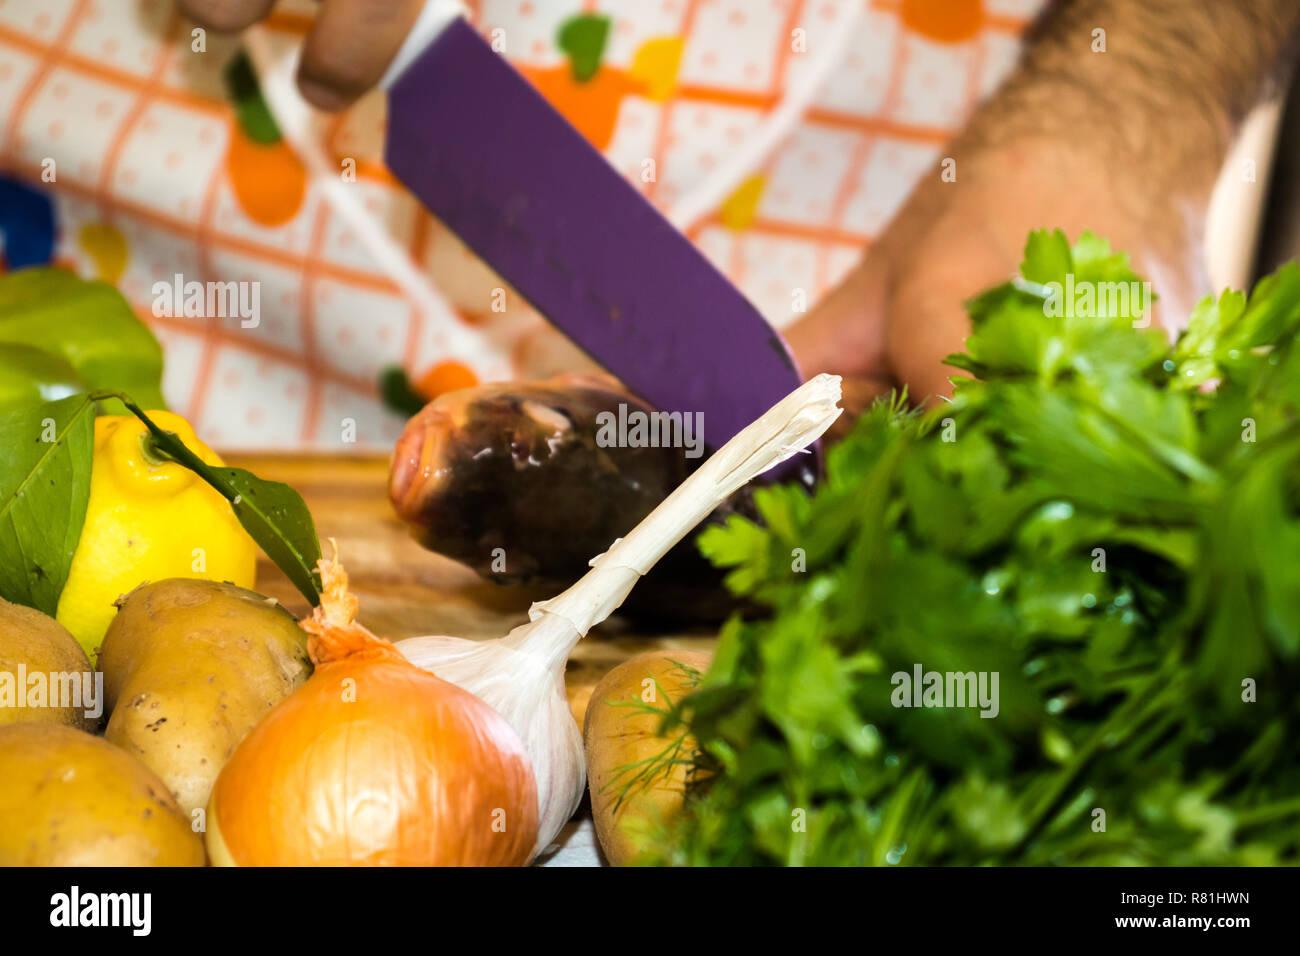 Ein Mann Kochen Abendessen Frisches Gemuse Und Fisch In Der Kuche